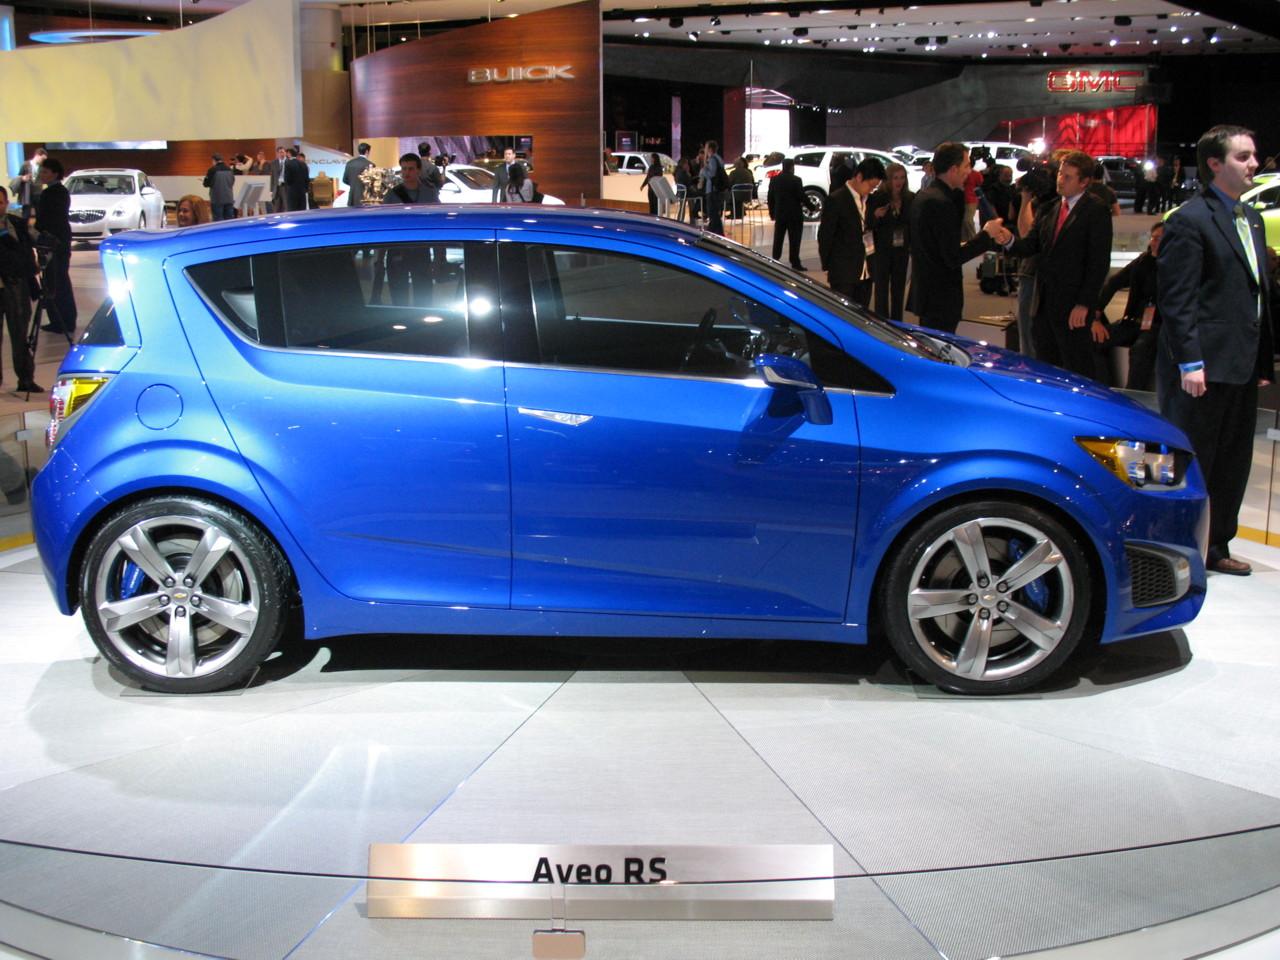 2010 Detroit Auto Show: 2011 Chevrolet Aveo RS Concept ...